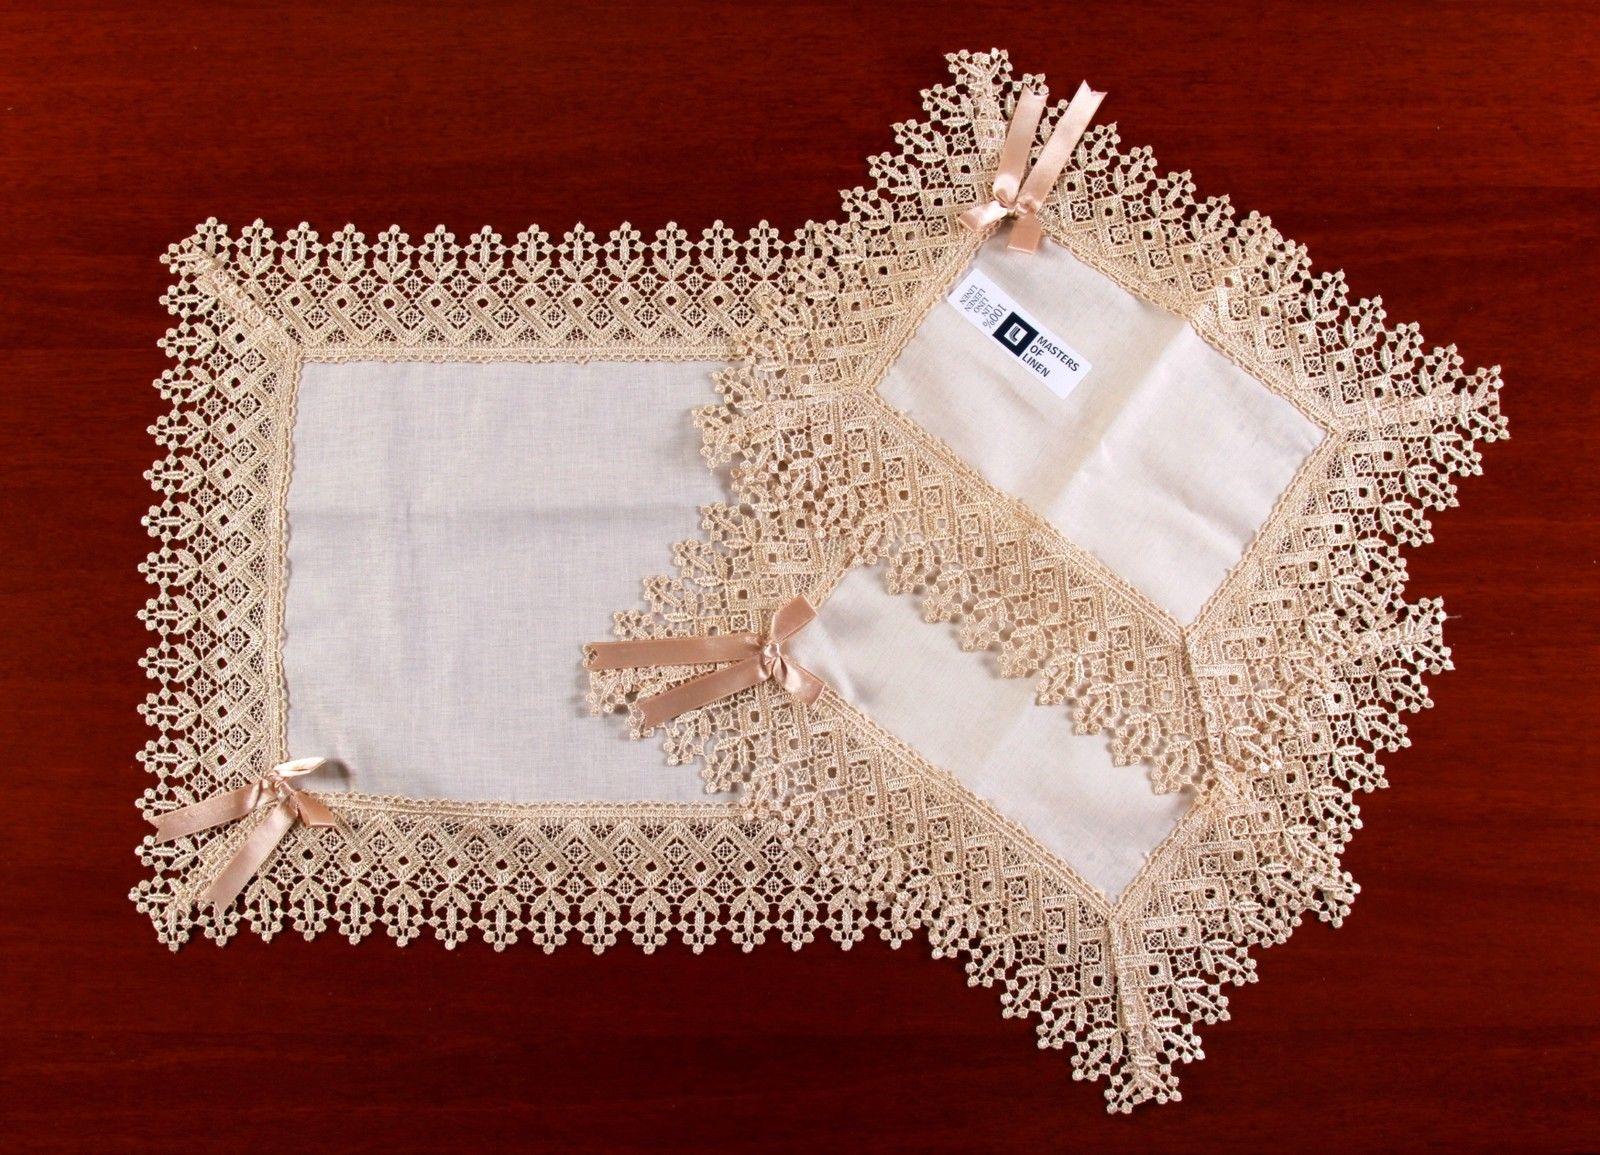 Set Centrini 3 Pz - art. Veronica in Puro Lino | eBay